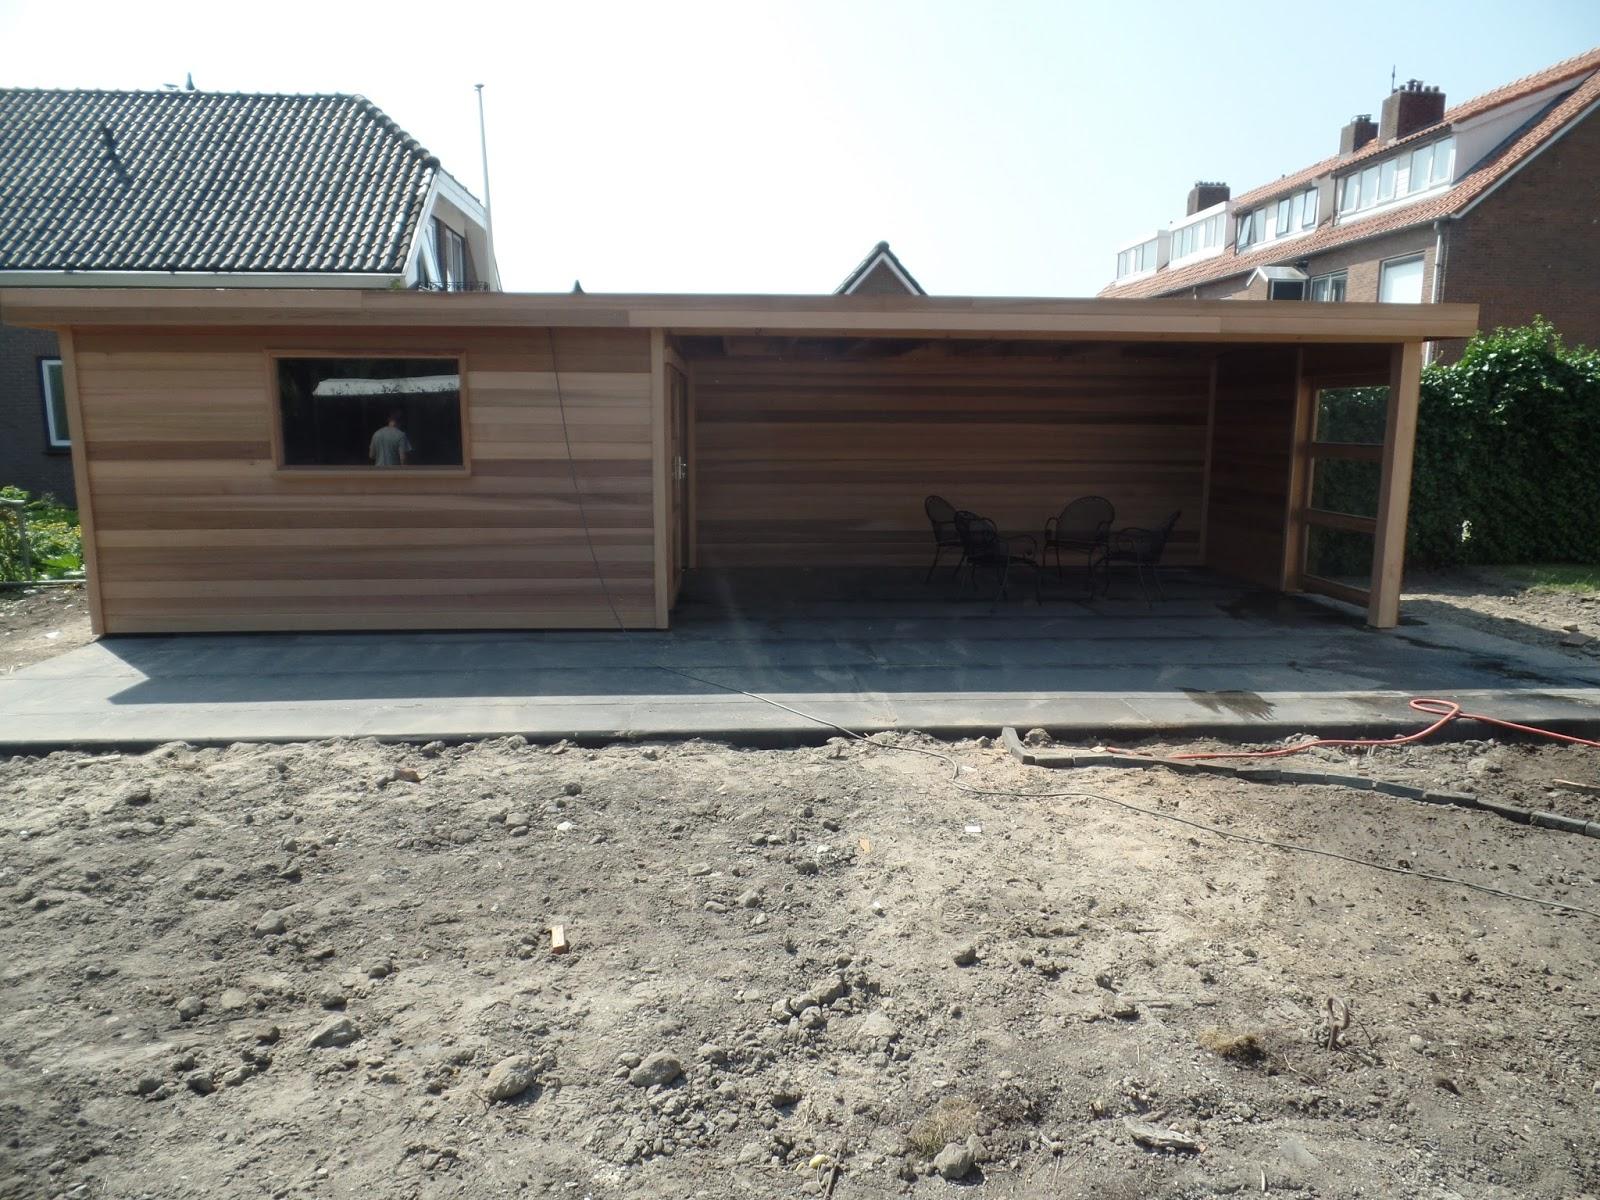 Tuinhuisjes en prieeltjes - Veranda met dakpan ...